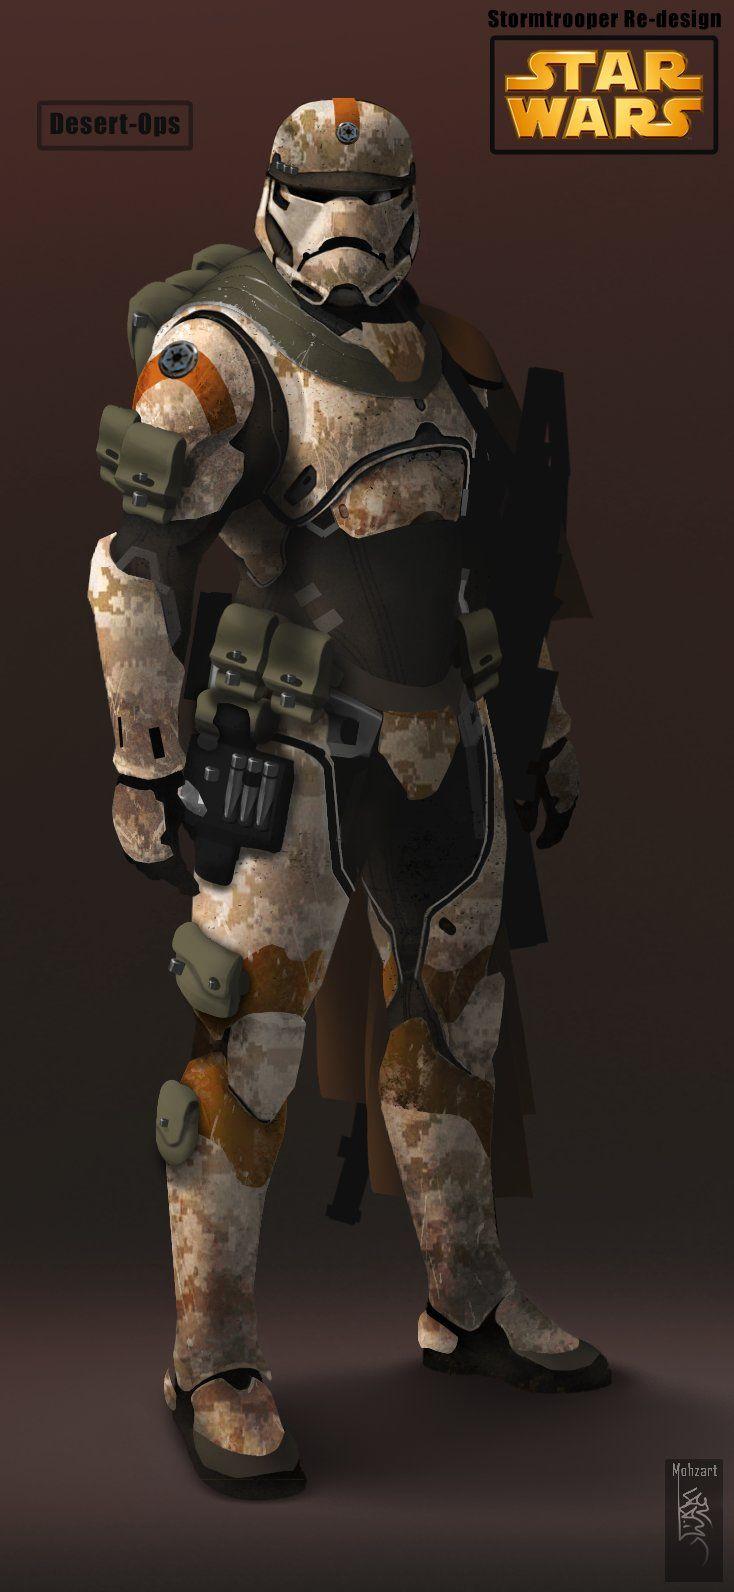 Elite Jetpack Stormtrooper by Albek42 on DeviantArt